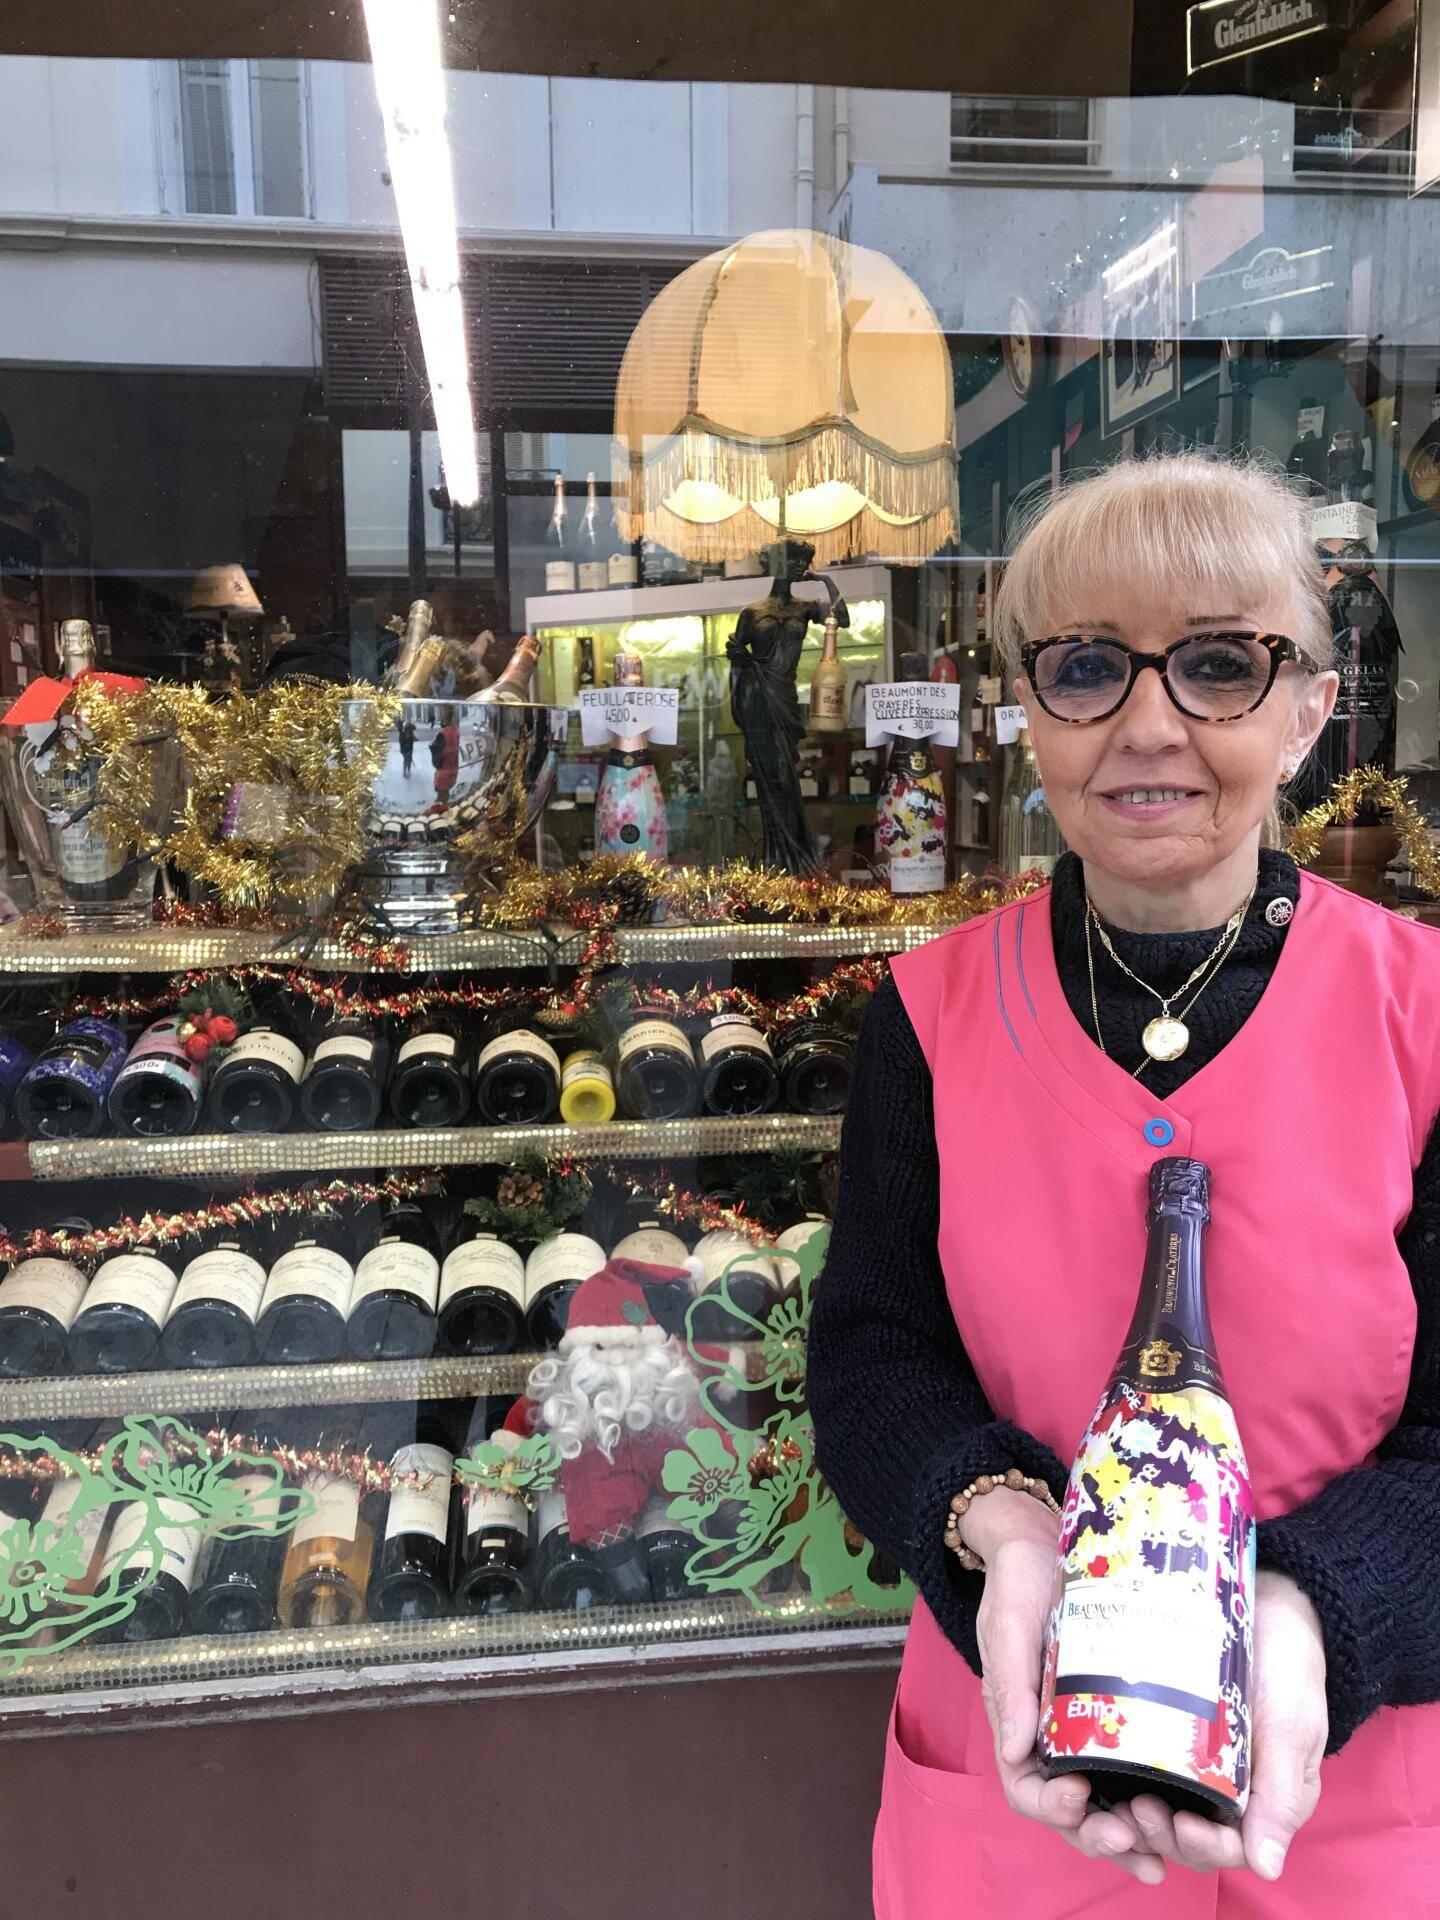 Côteaux de France : champagne !  C'est un des plus anciens commerces de Cannes, ouvert en 1926. Dans le magasin, c'est la petit-fille du caviste historique, Maryse Galfre, qui a pris le relais de l'affaire familiale. « Et j'espère pouvoir fêter le centenaire ! », s'amuse la   commerçante qui habite juste au dessus.  Bourgogne, Côte du Rhône, Provence, Bordeaux, Bandol      ou vins niçois de Bellay, les amateurs y trouvent forcé-           ment leur bonheur. Pour les vins très luxueux,              comme le Petrus, il est même possible                de les commander...                  Pour les fêtes, la caviste propose                      une idée pour accompagner vos repas :                            un champagne Beaumont des Crayères,                                en cuvée d'expression à 30e !